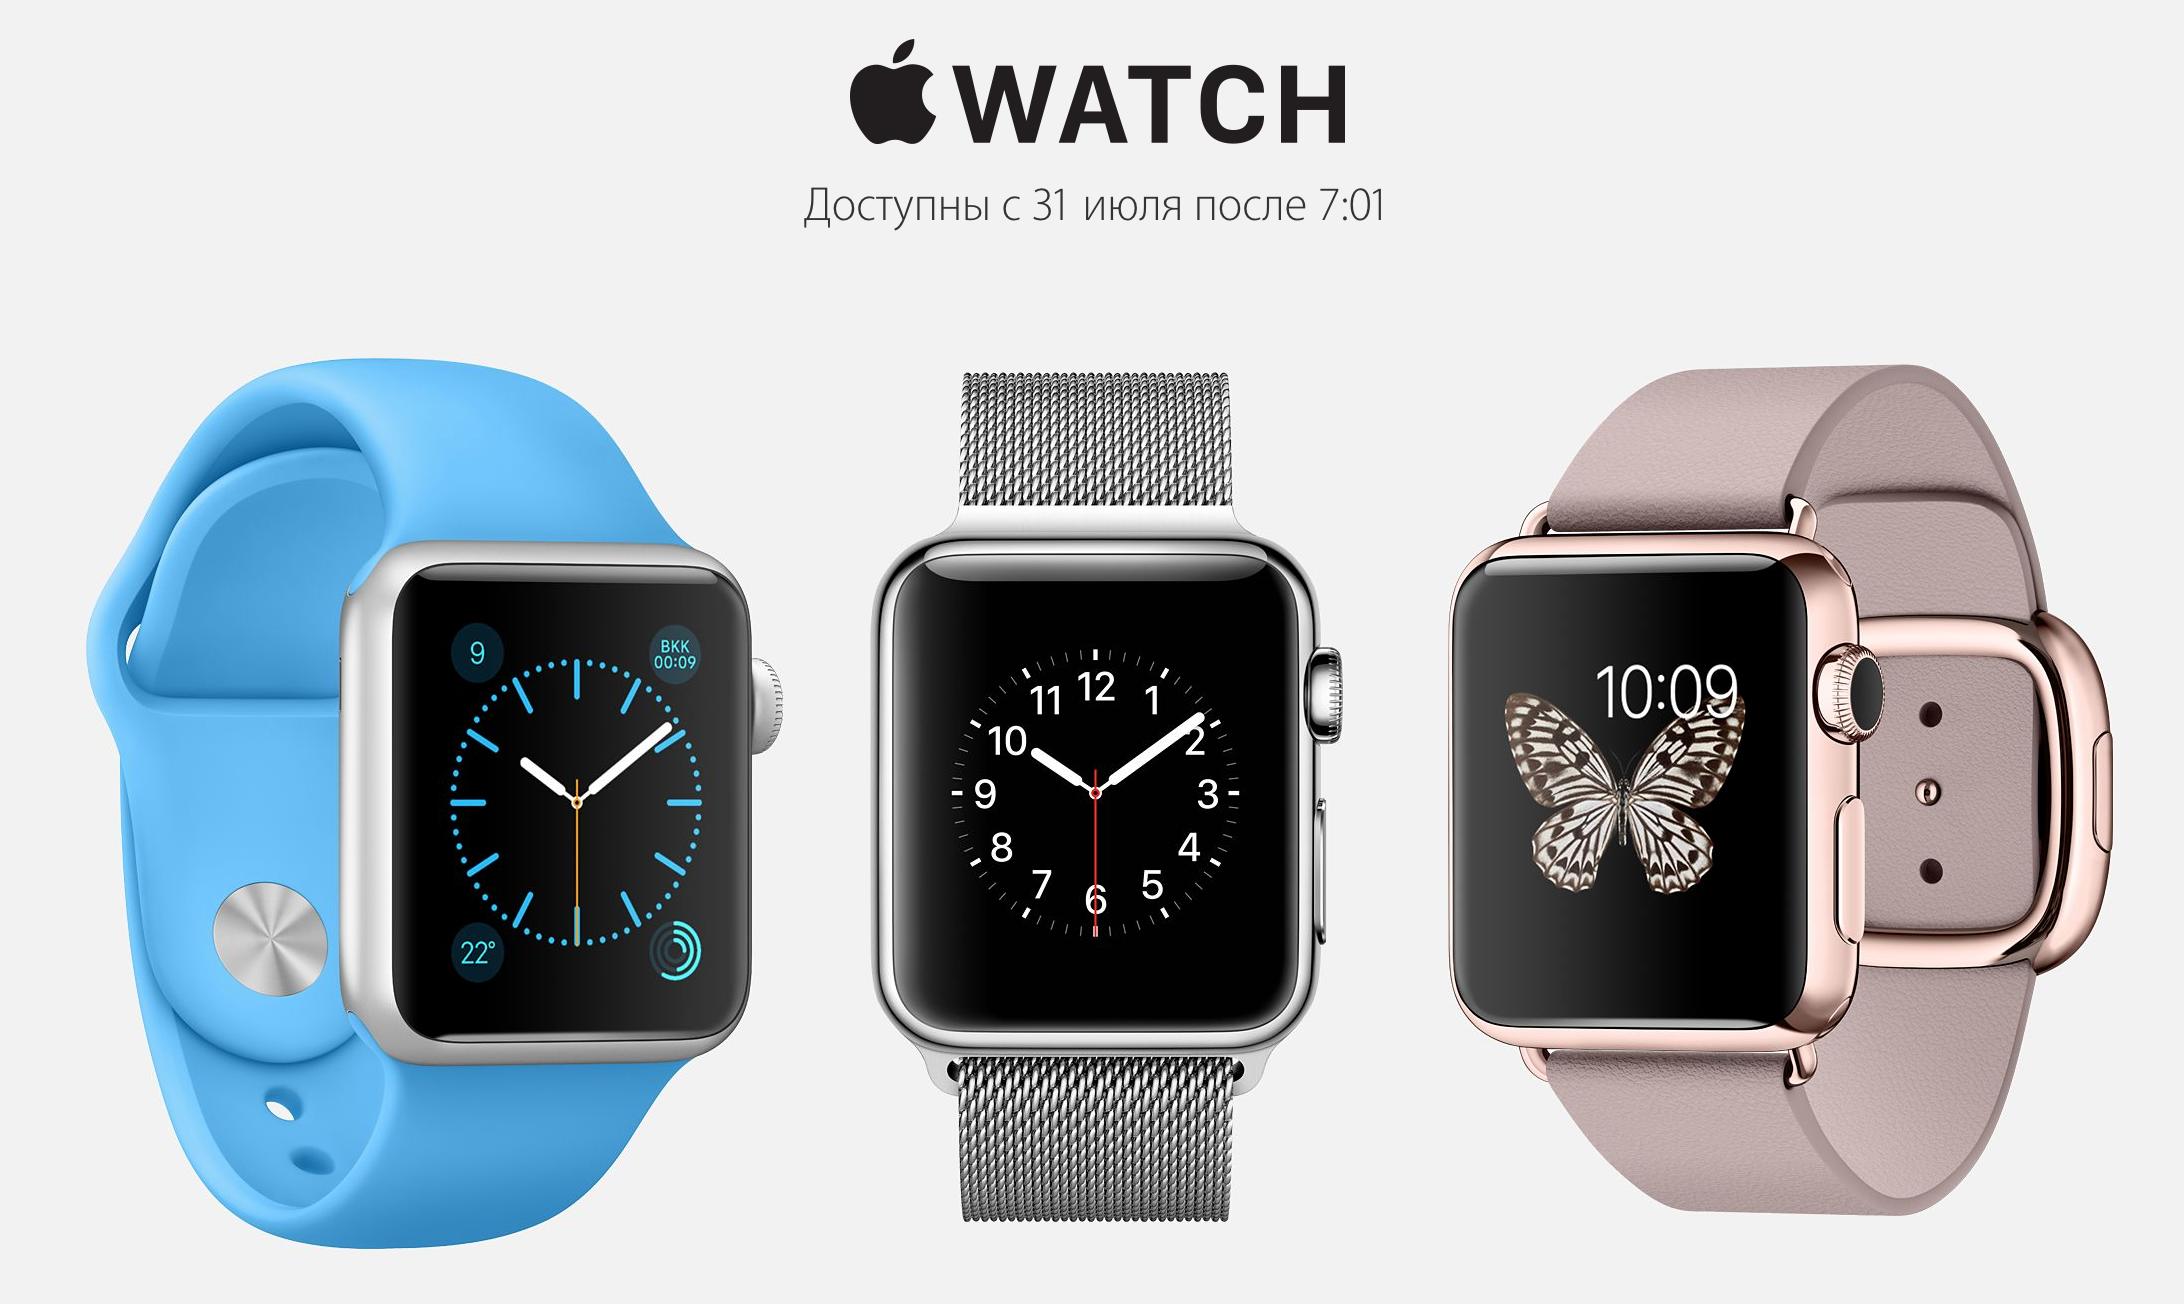 Продажи Apple Watch начнутся в России 31 июля